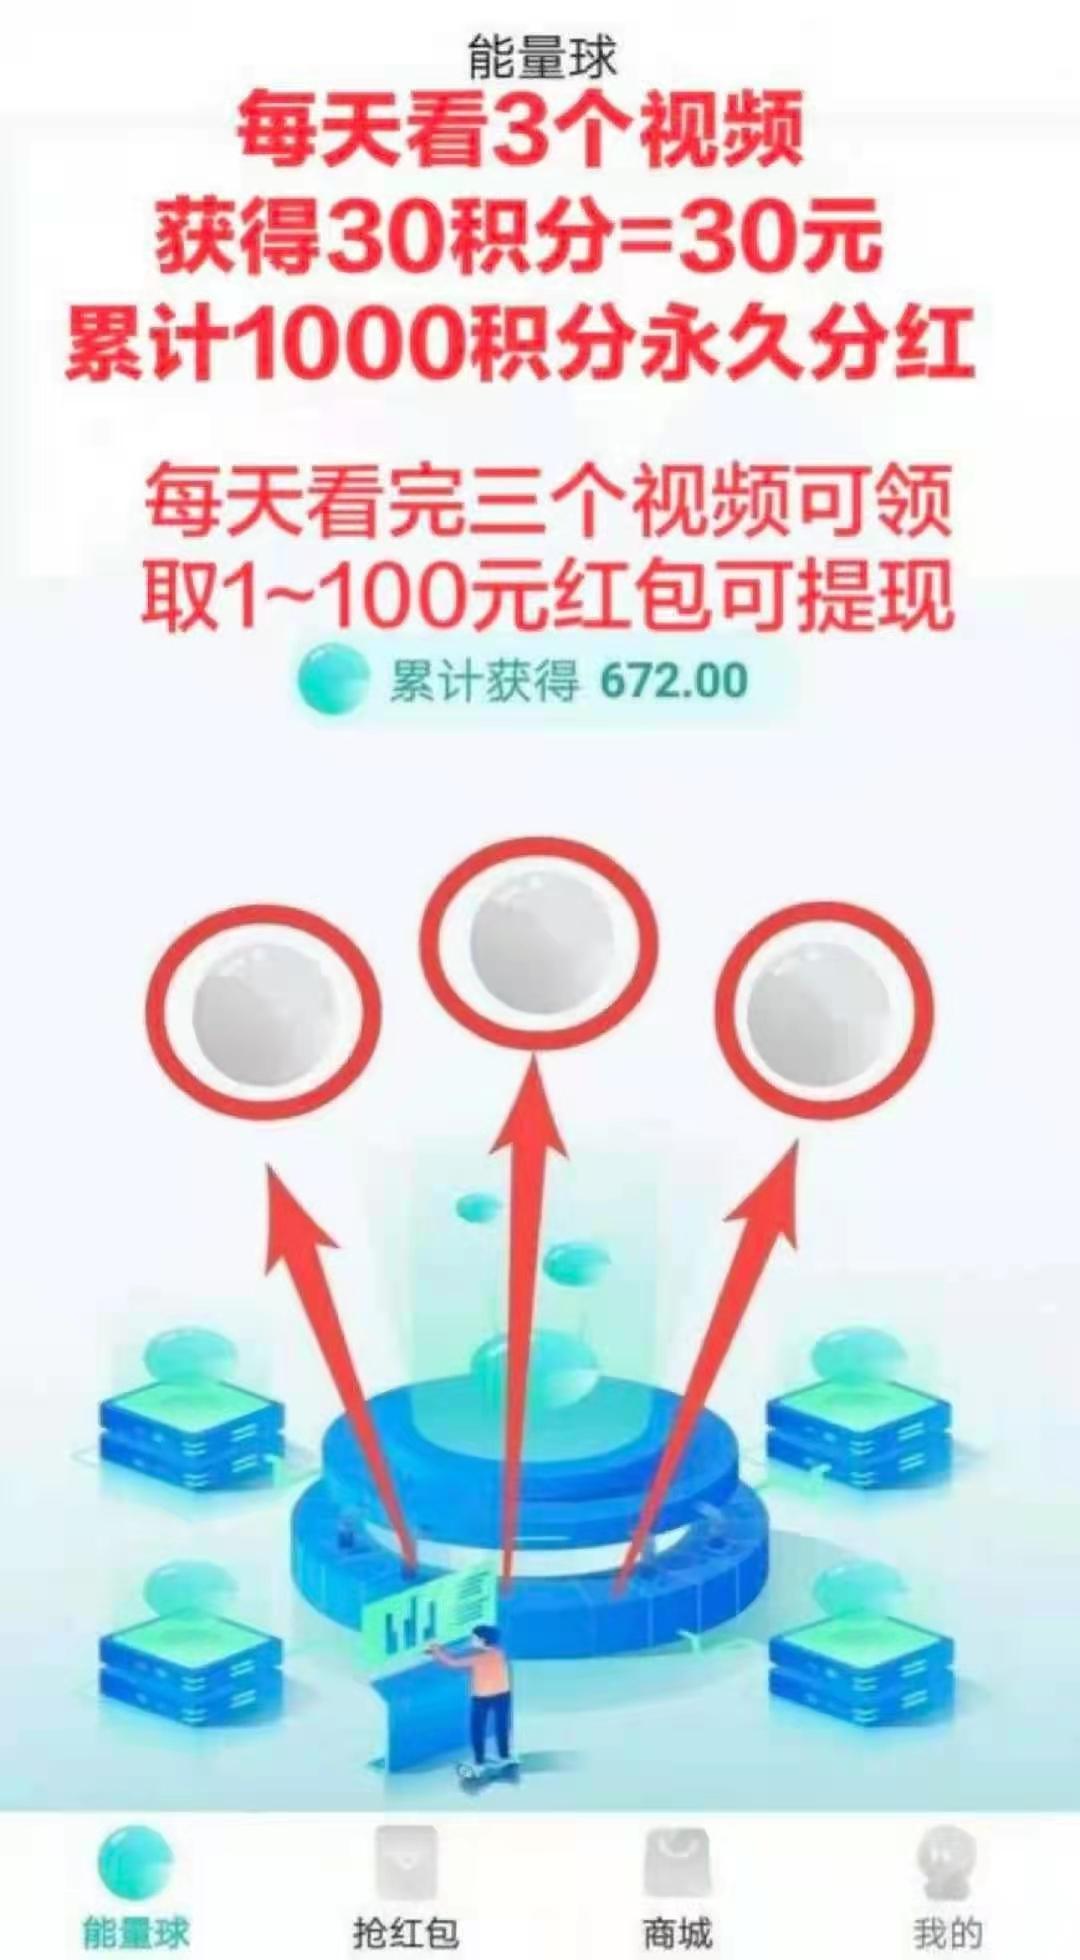 图片[2]-【零撸】YYH趣生活,分红模式,每天零撸30元!-首码社